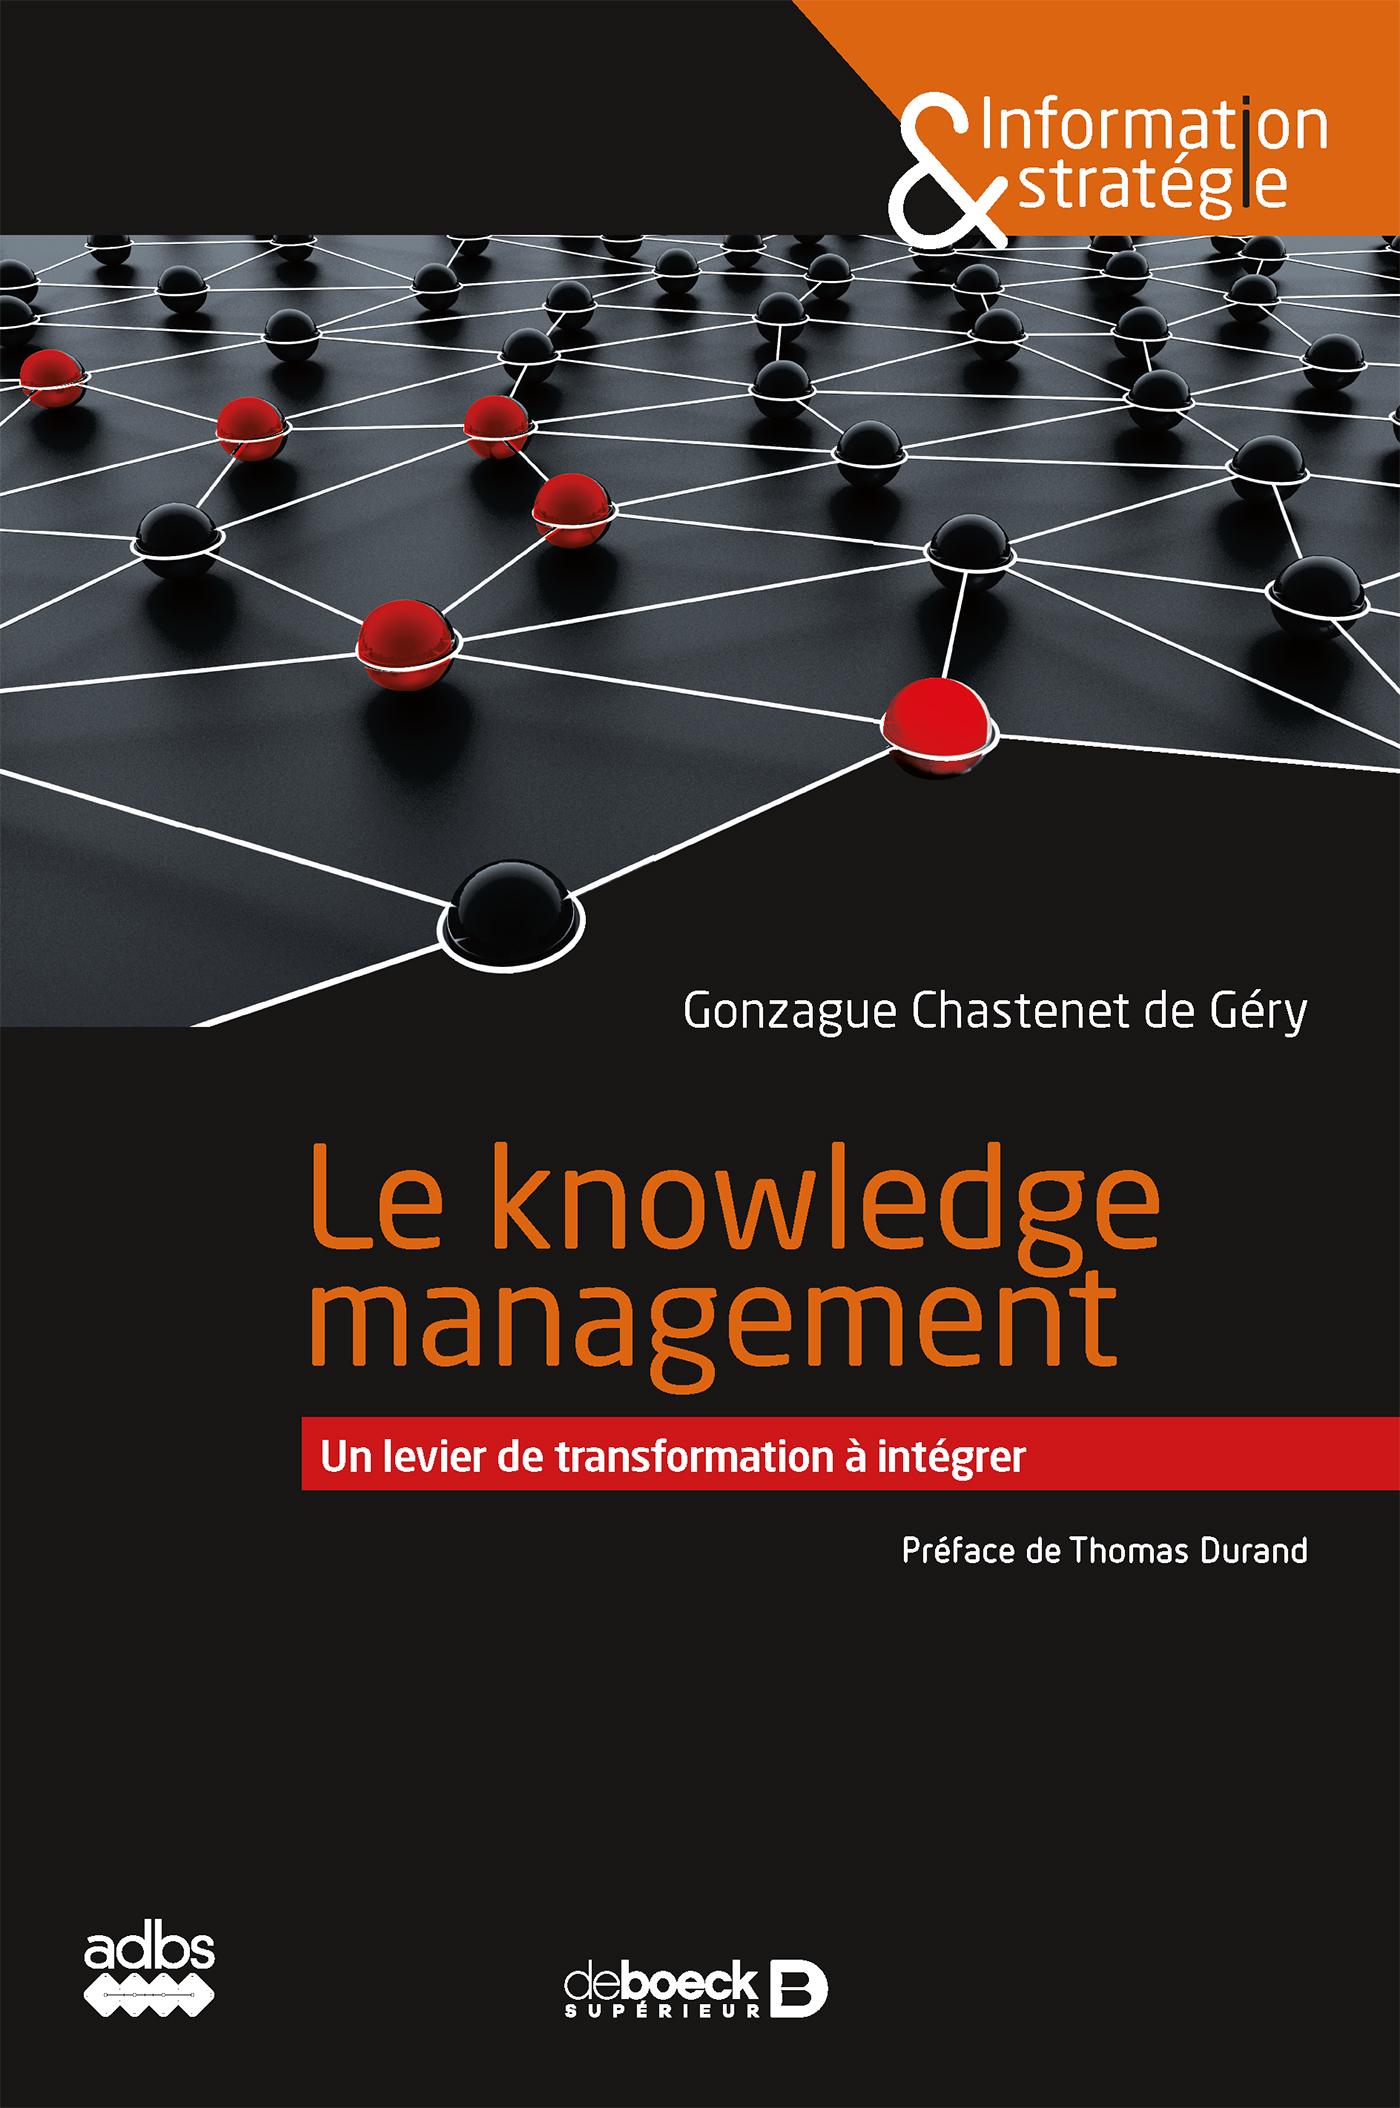 KNOWLEDGE MANAGEMENT (LE)